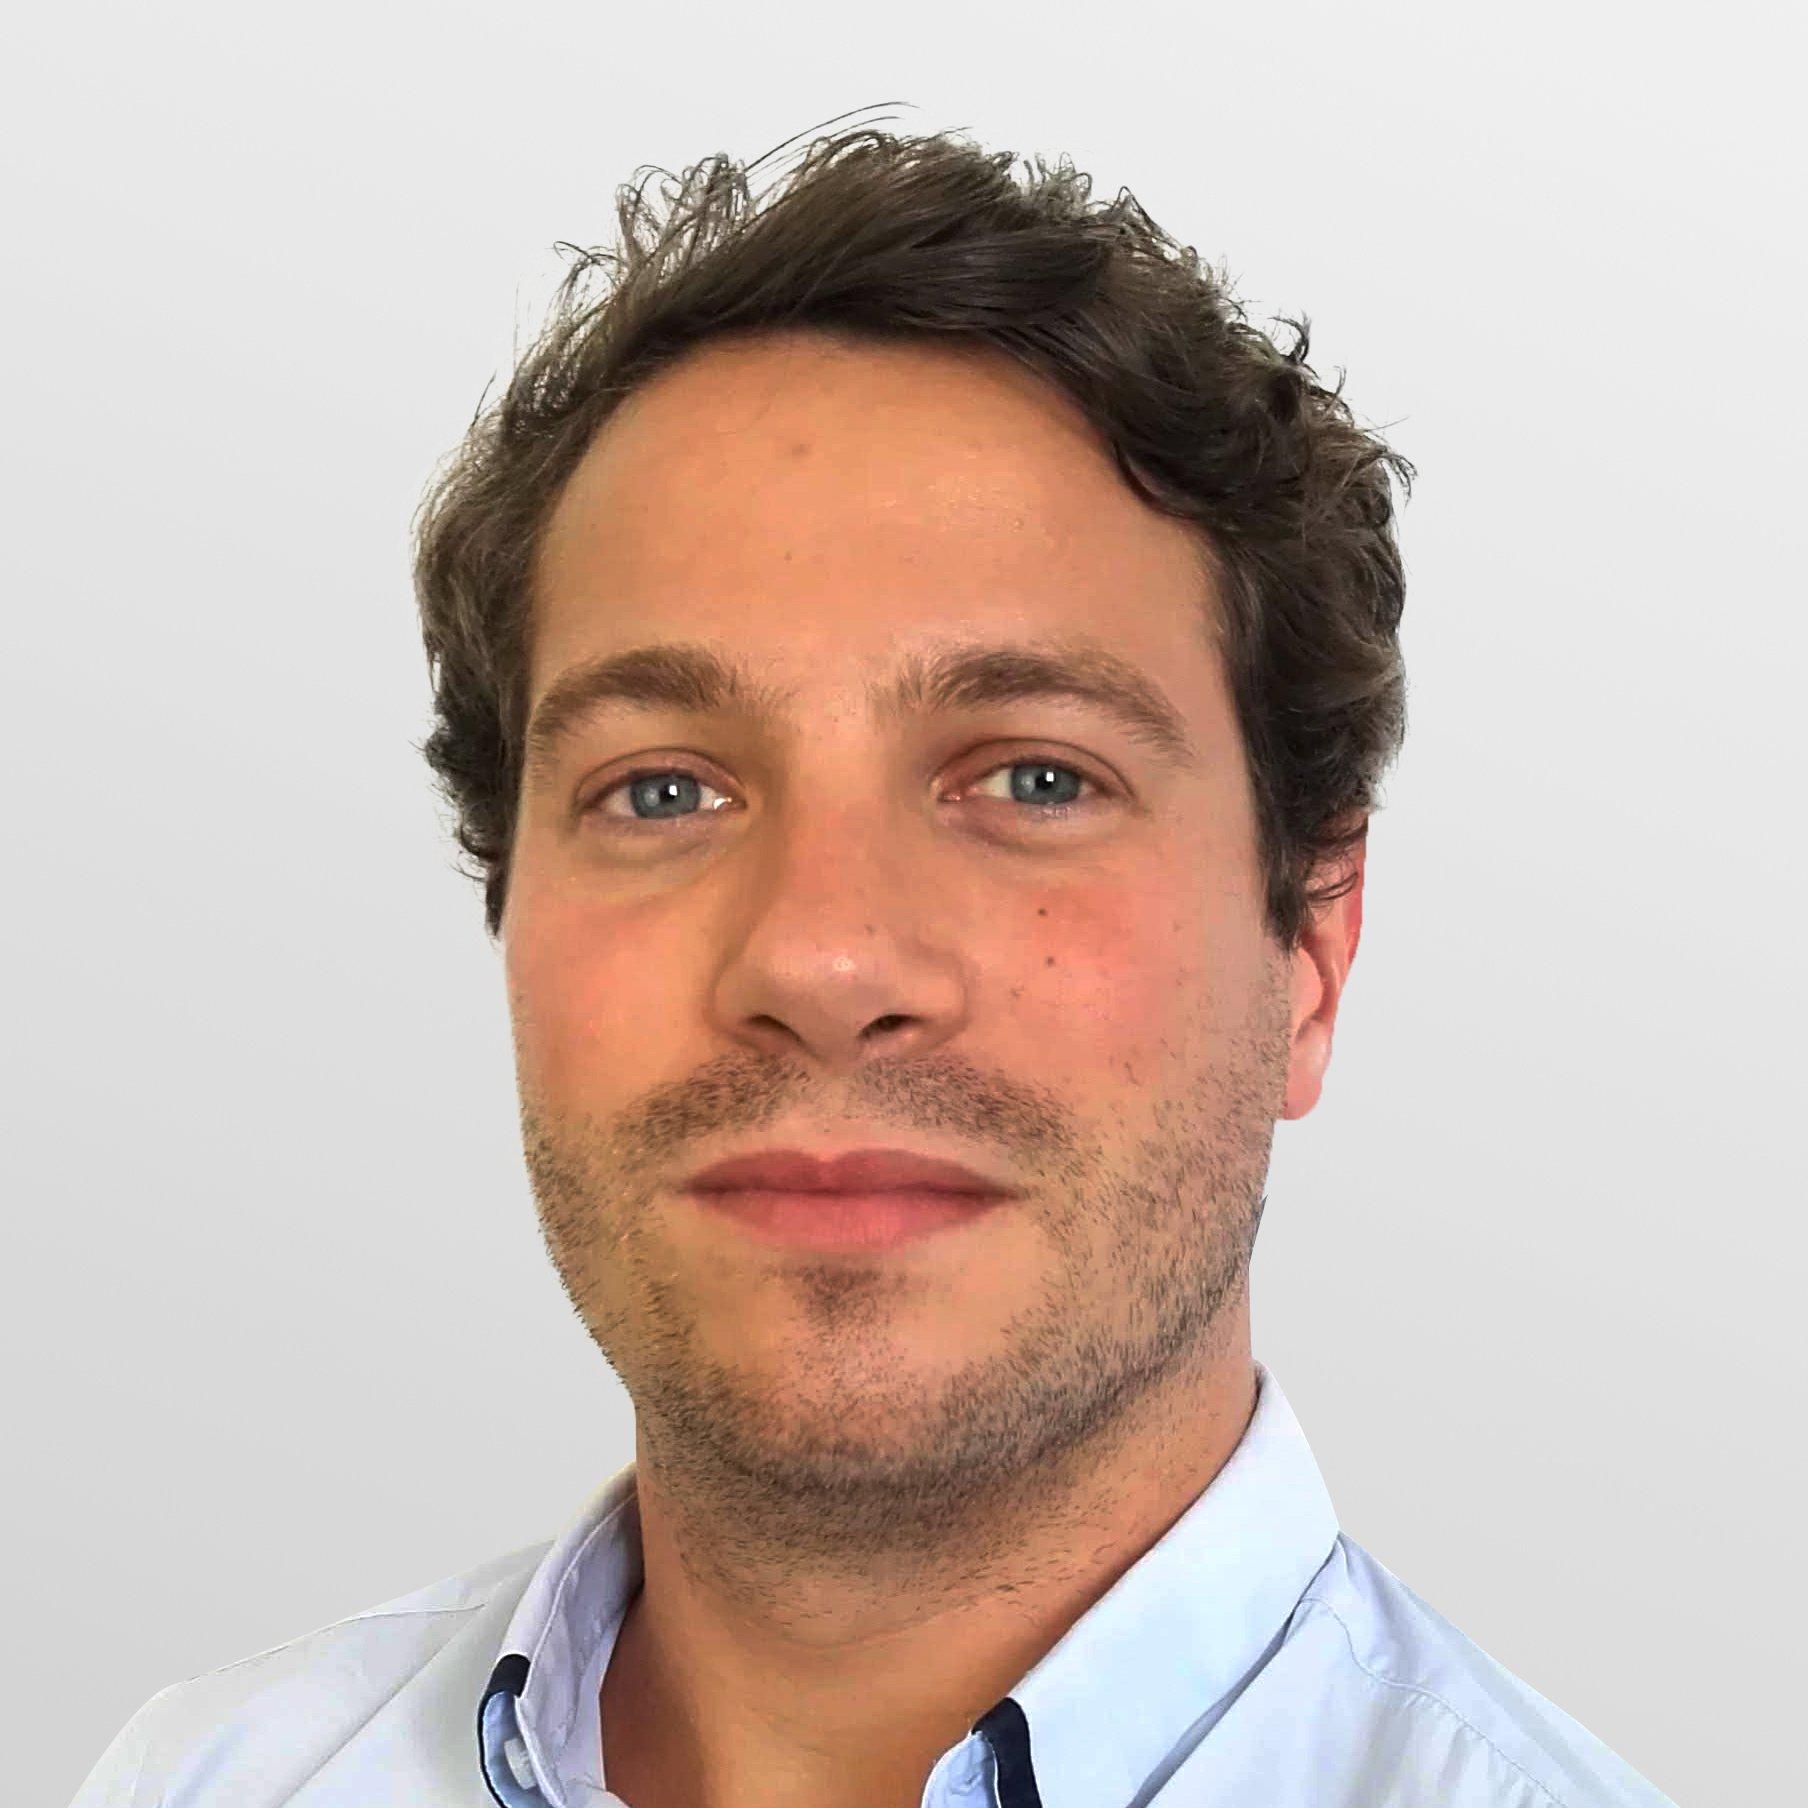 paul-pietrangelo-grant-advisor